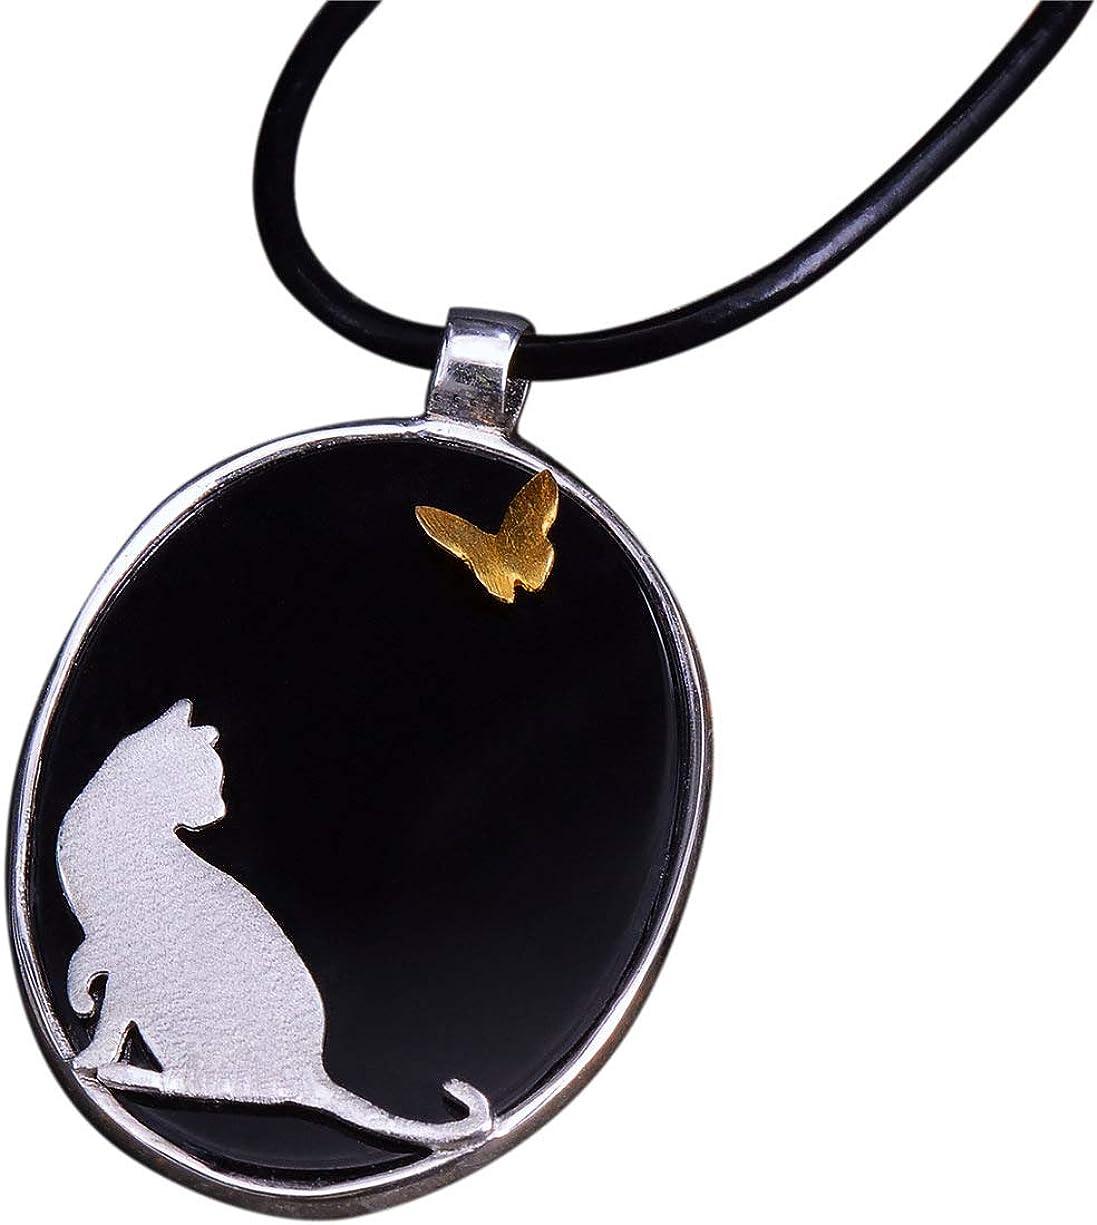 NicoWerk SAN175 - Colgante de plata de ley 925 para mujer, diseño de gato, ágata negra con piedra preciosa, ovalado, tamaño grande